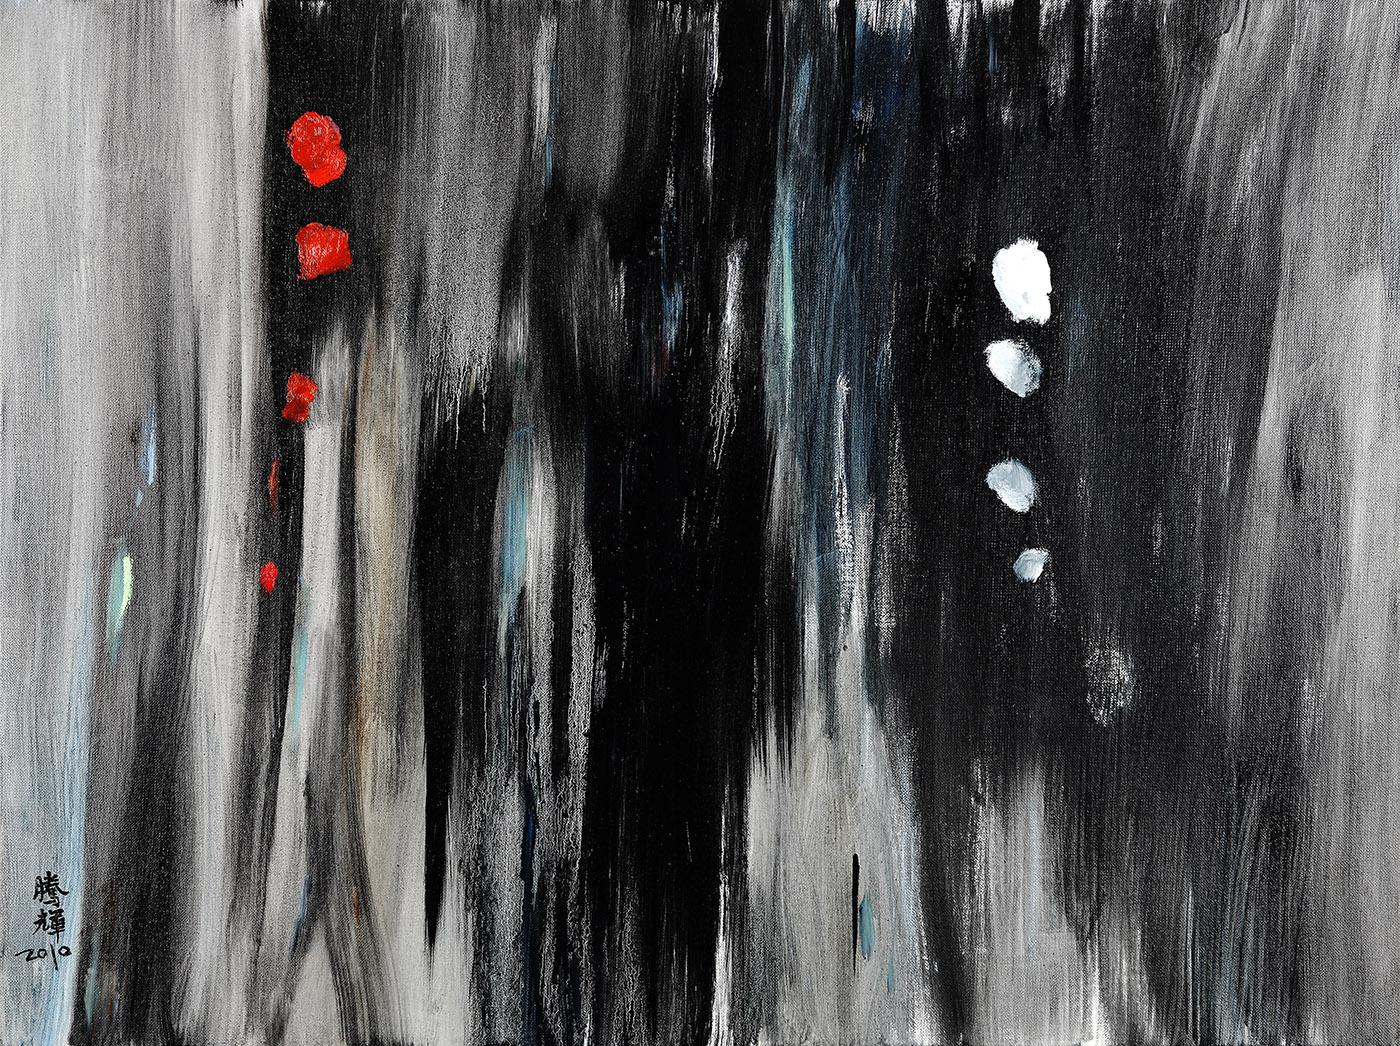 2011.12.04 北京保利秋拍 红玫瑰与白玫瑰 130x89cm 成交价格 RMB483,000